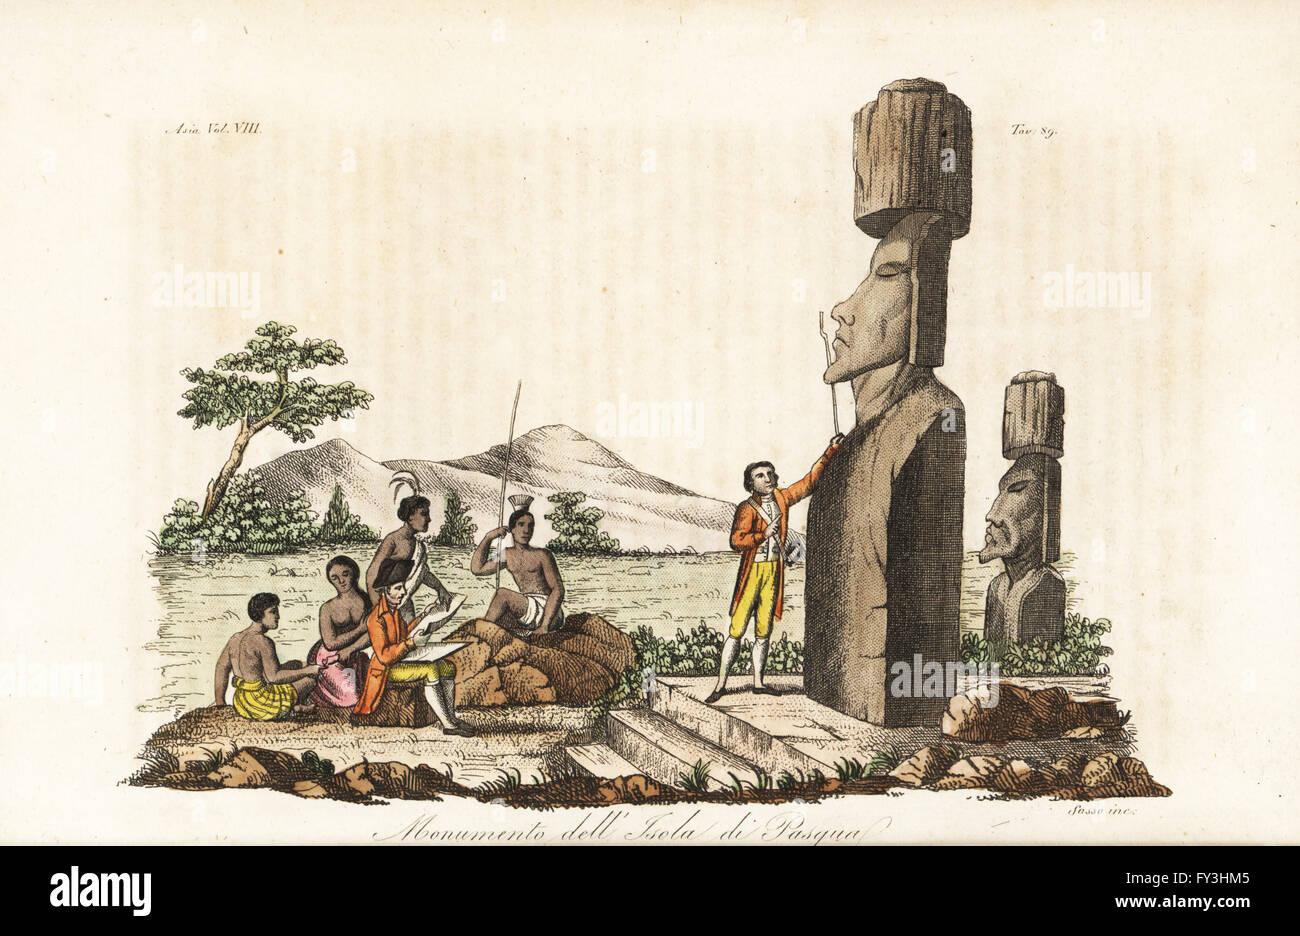 Captain James Cook und Eingeborenen untersuchen die Moai-Statuen auf den Osterinseln oder Rapa Nui. Handkoloriert Stockfoto